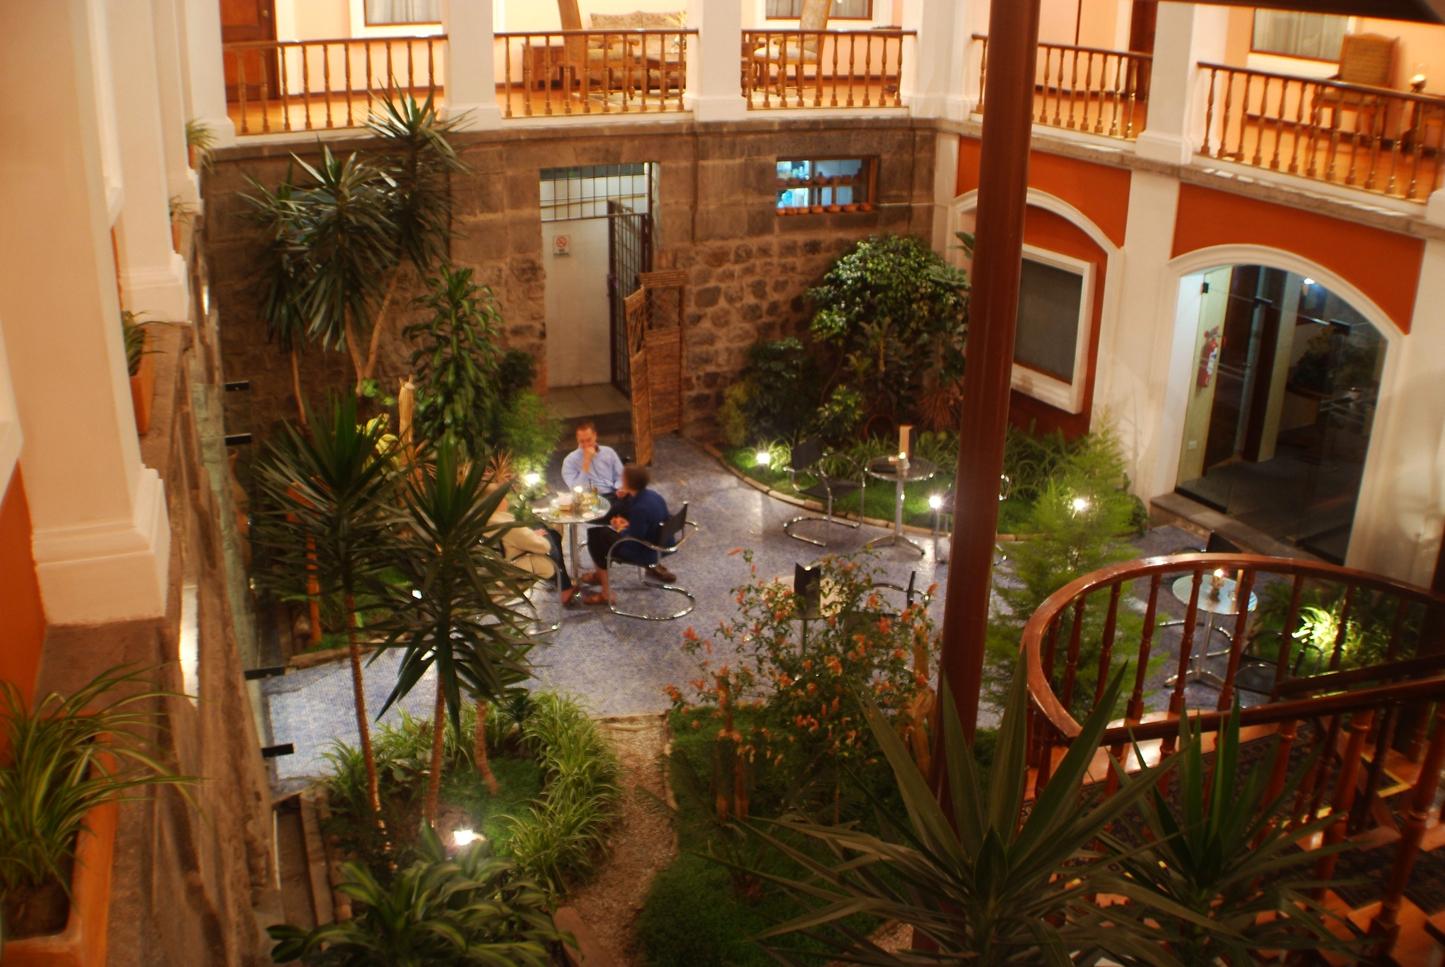 Patio andaluz vaya adventures - Fotos patio andaluz ...